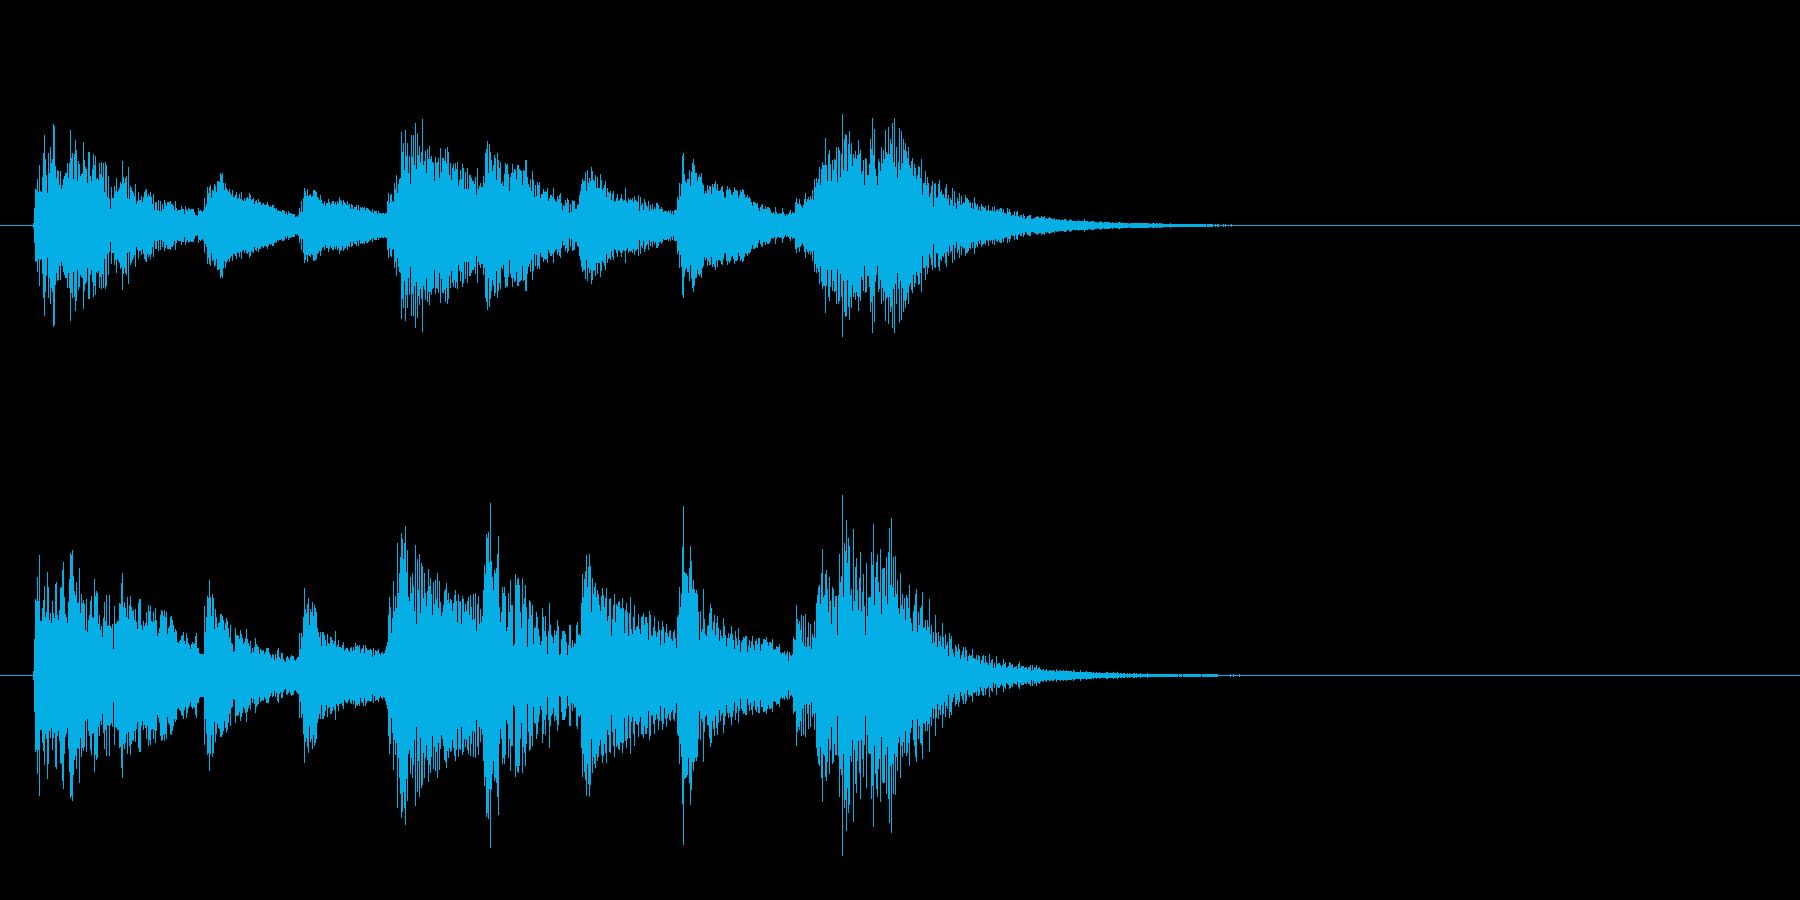 和風5 レアカード入手 レベルアップの再生済みの波形